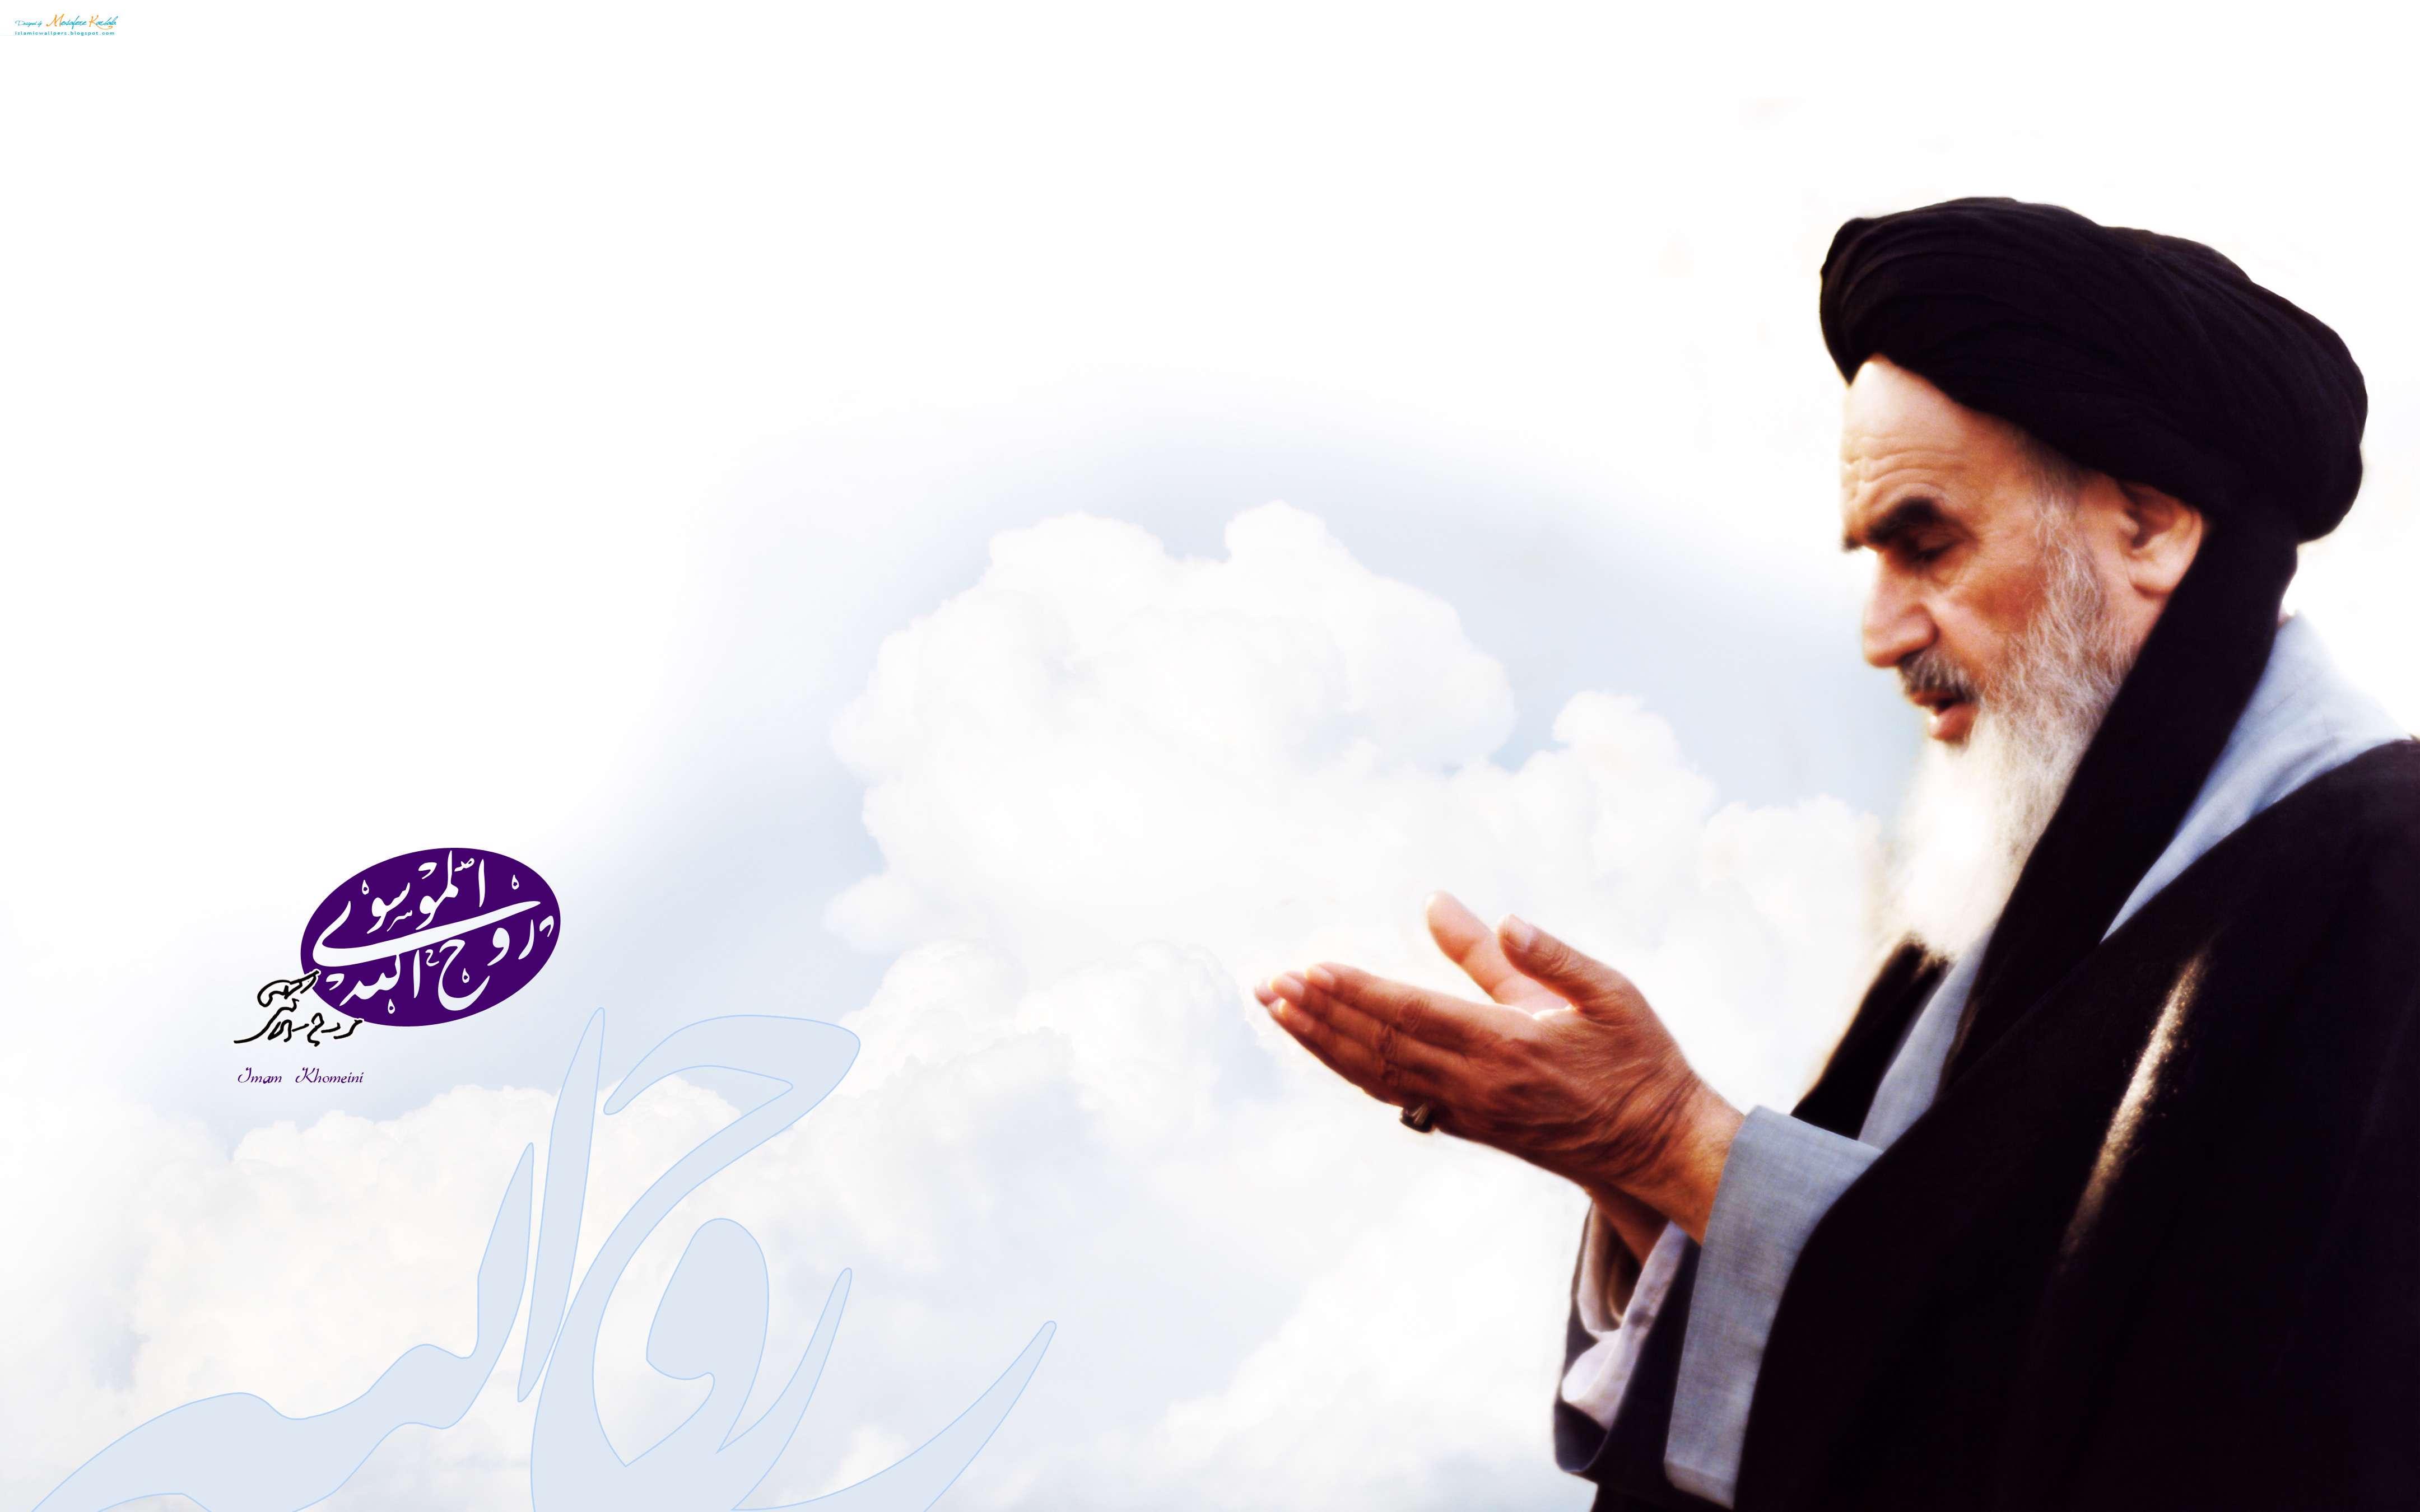 پیام نوروزی رهبری انقلاب به مناسبت آغاز سال ۱۳۹۶